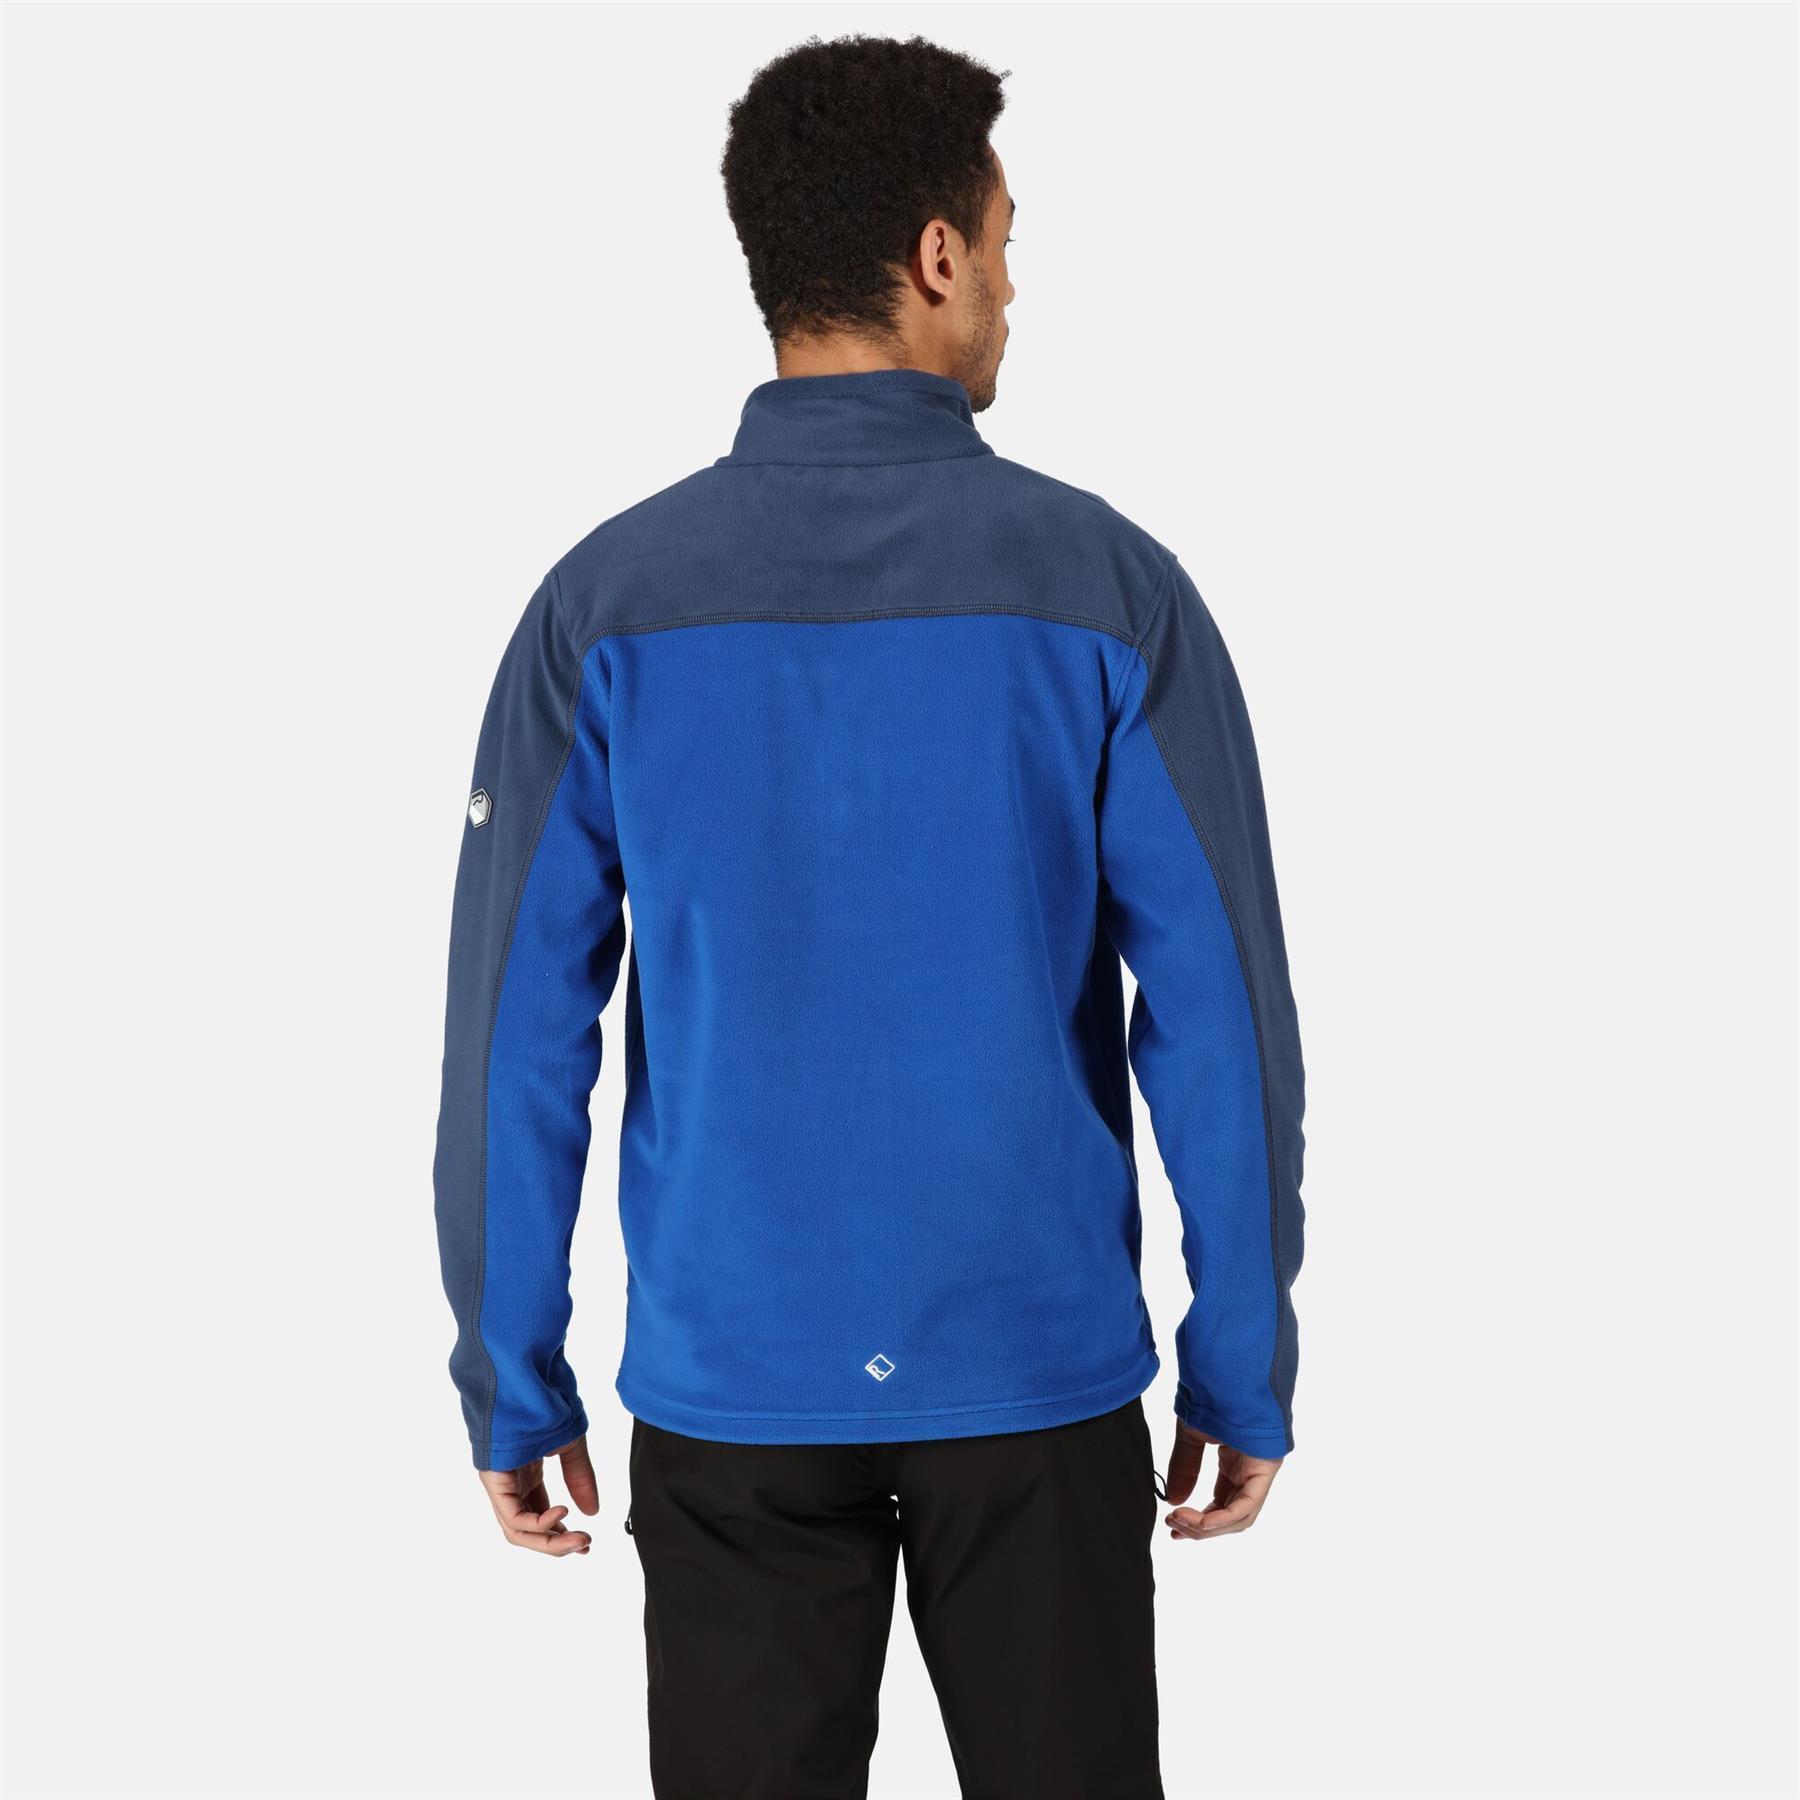 miniatuur 6 - Regatta Mens Fellard Fleece Jacket Full Zip Up Coat S M L XL 2XL 3XL 4XL